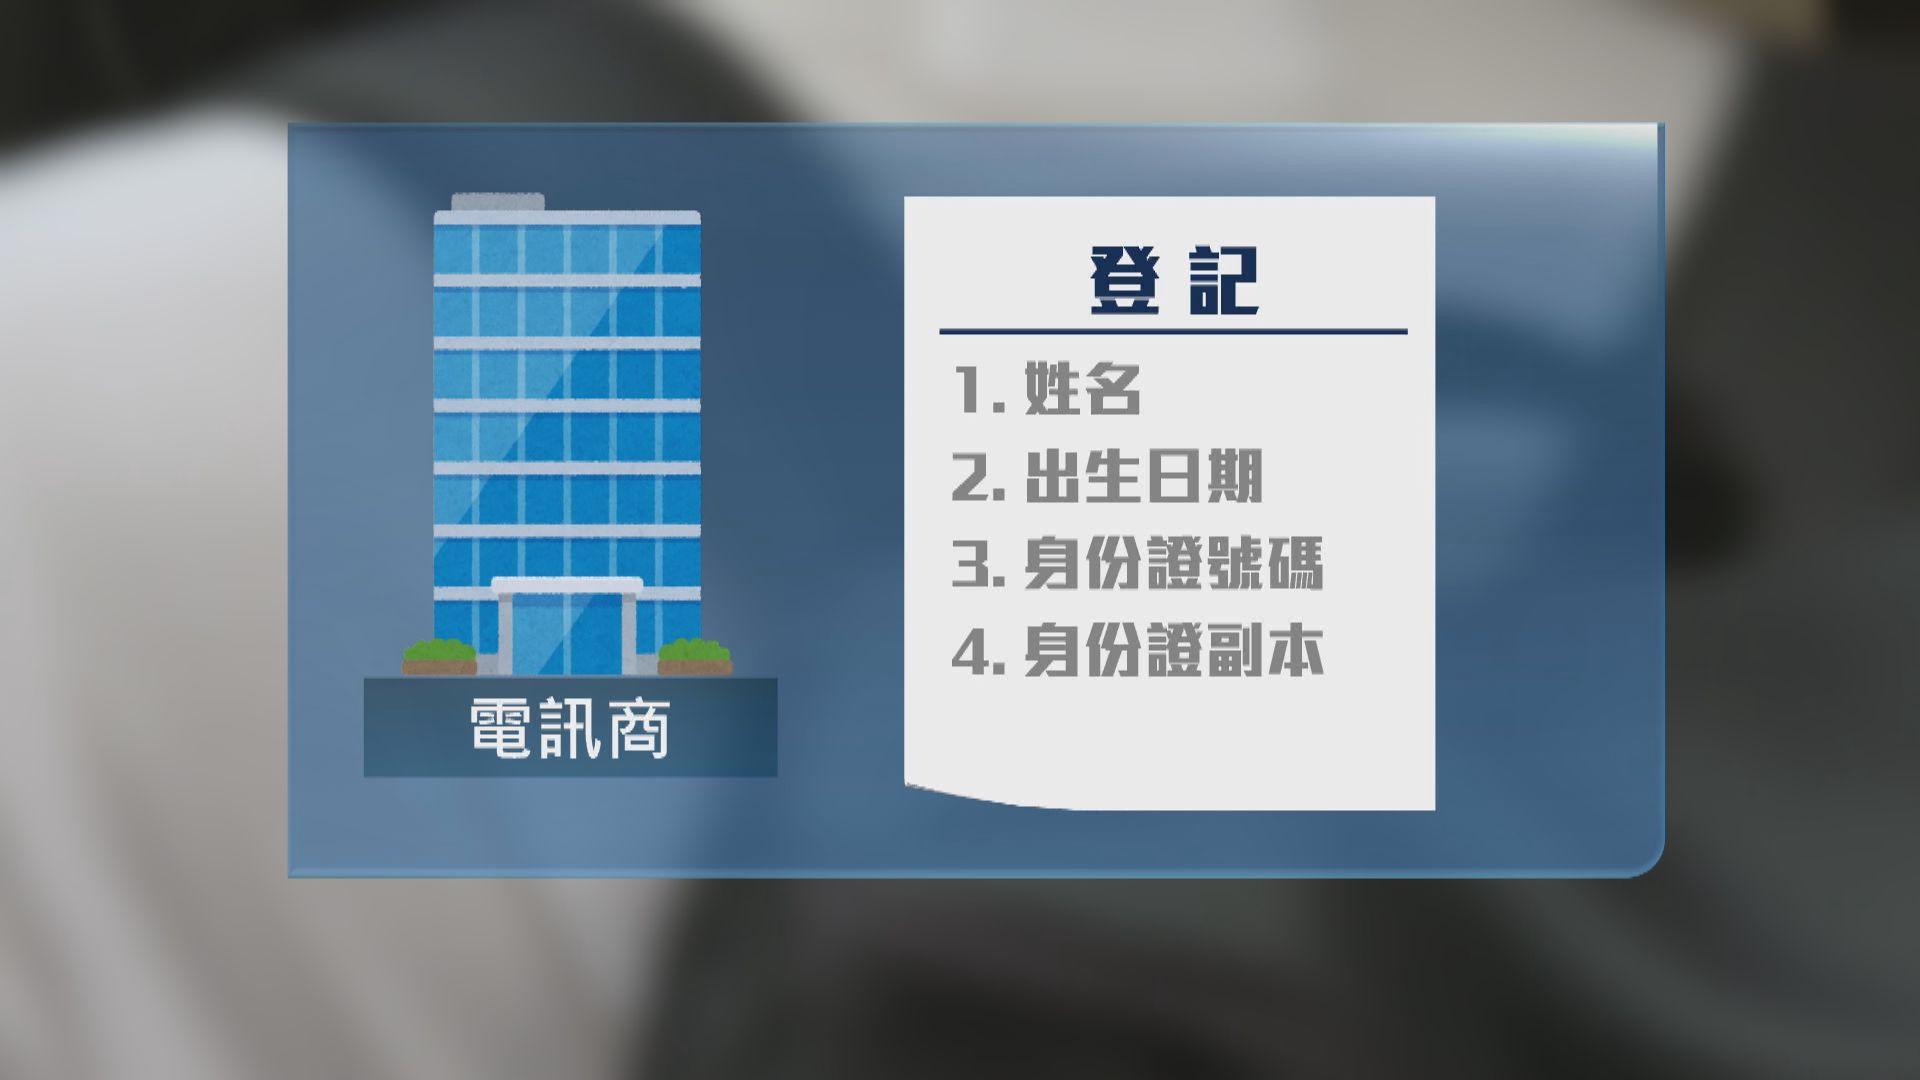 電話智能卡實名登記制度 用戶須於明年3月起登記